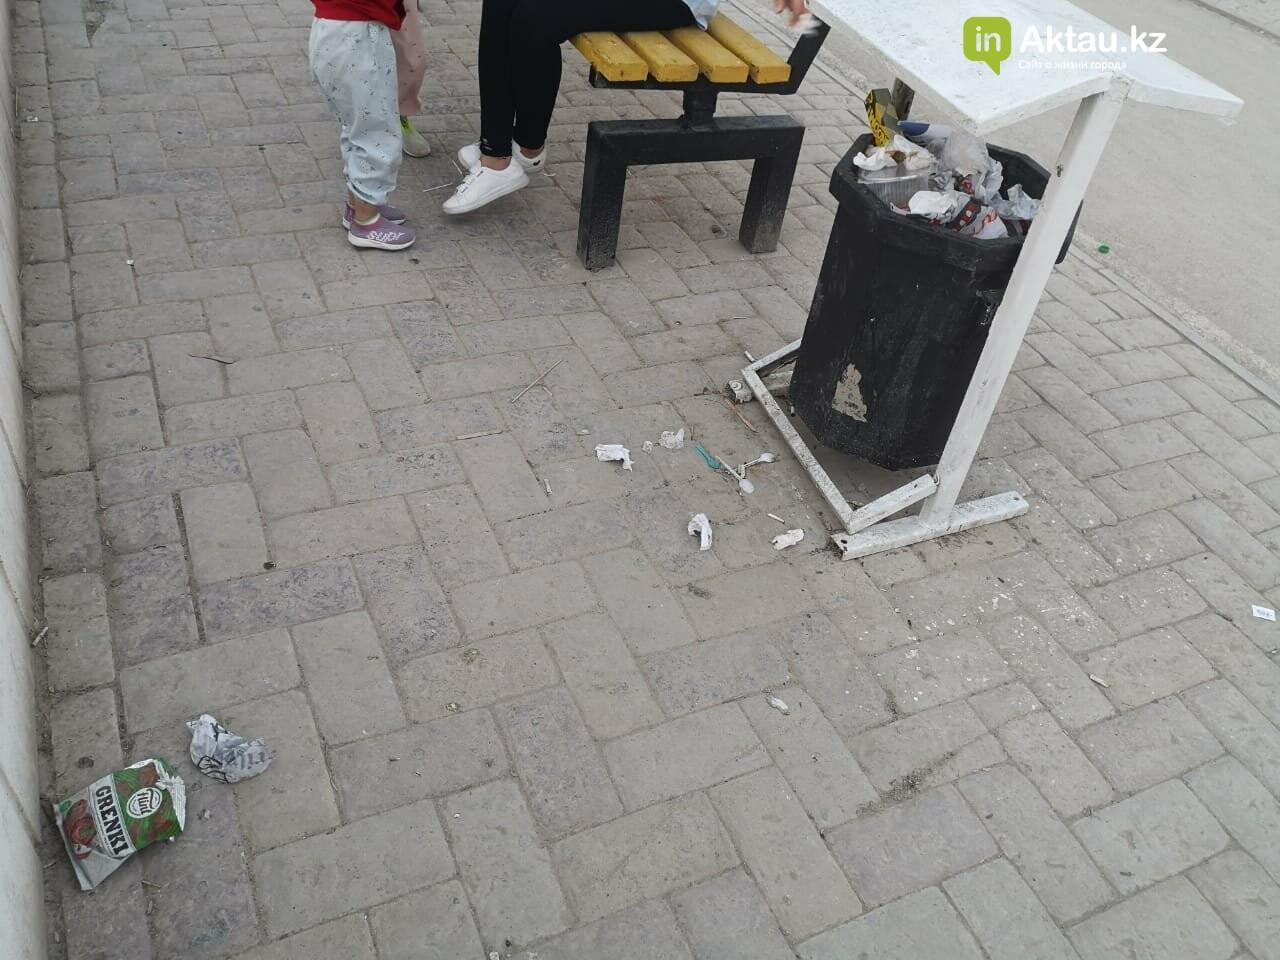 """""""Просто бардак!"""": жители Актау жалуются на санитарное состояние набережной, фото-2"""